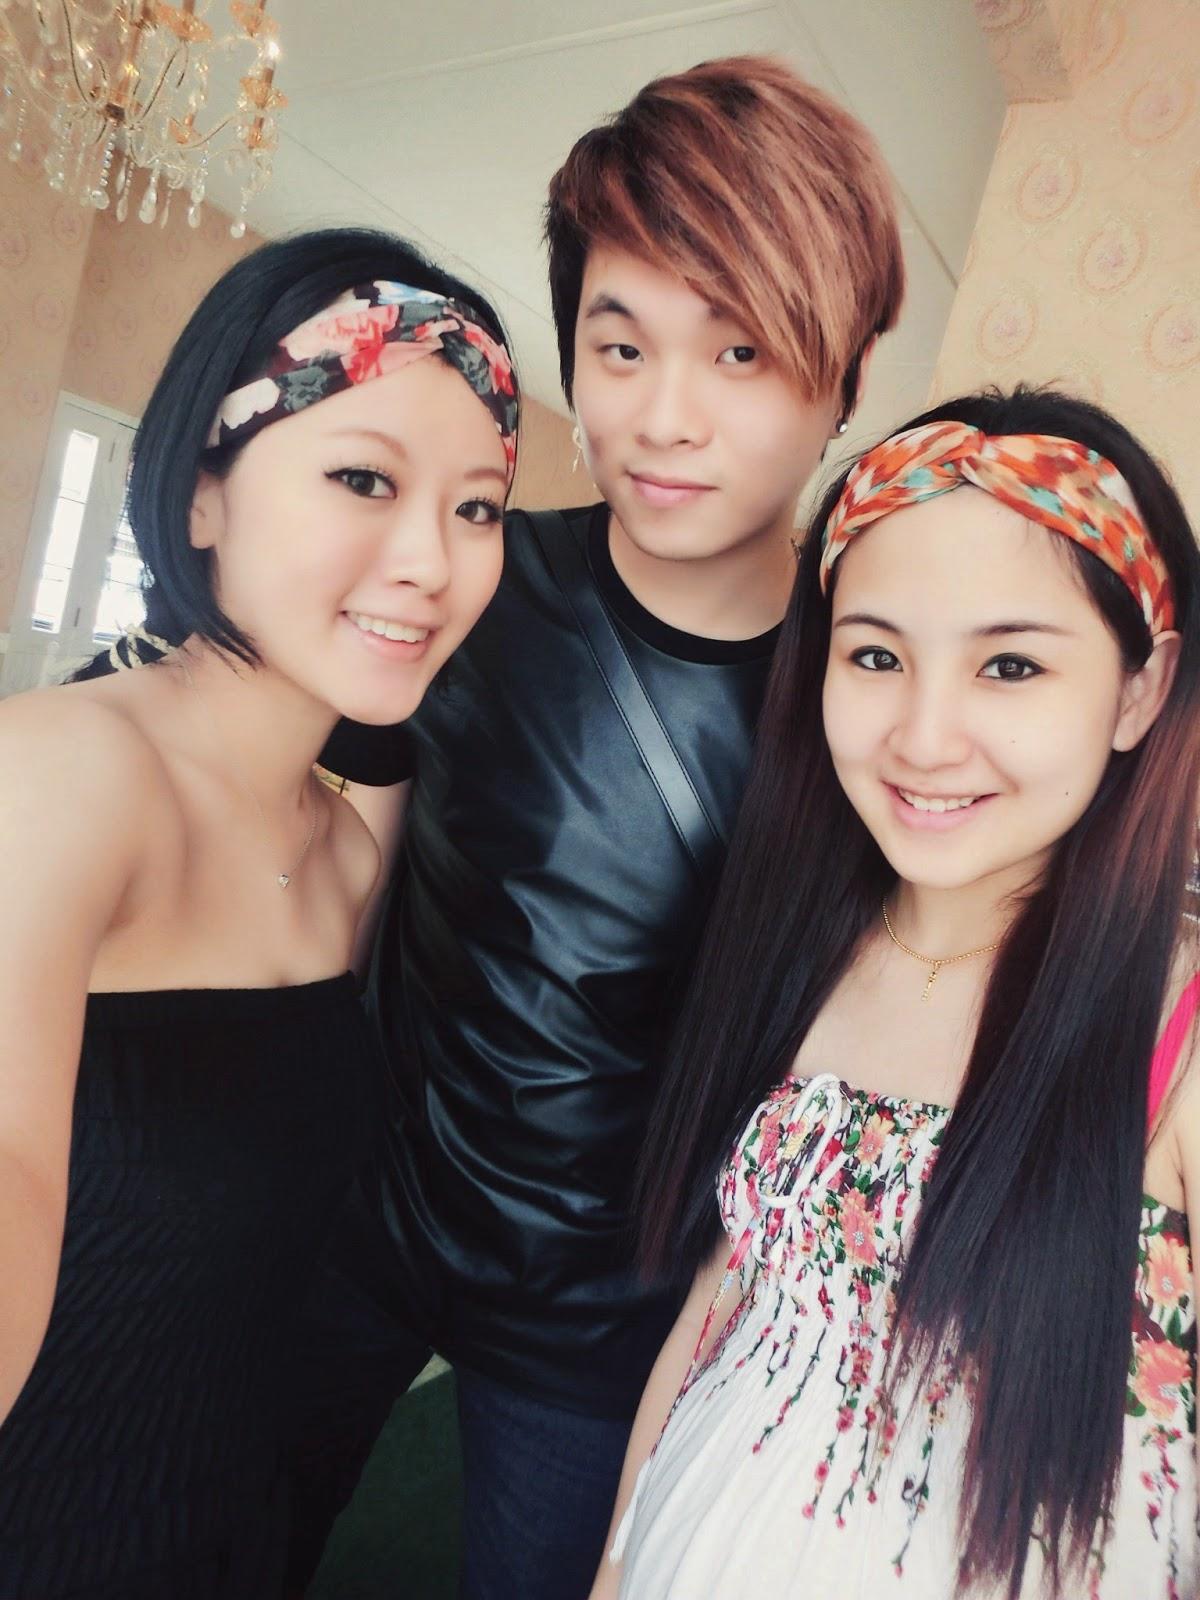 Ray陳學沿 (raytansy),Kelly Kee, Miya Fen, Victoria Rossa English Tea Room @ Johor Bahru, Malaysia